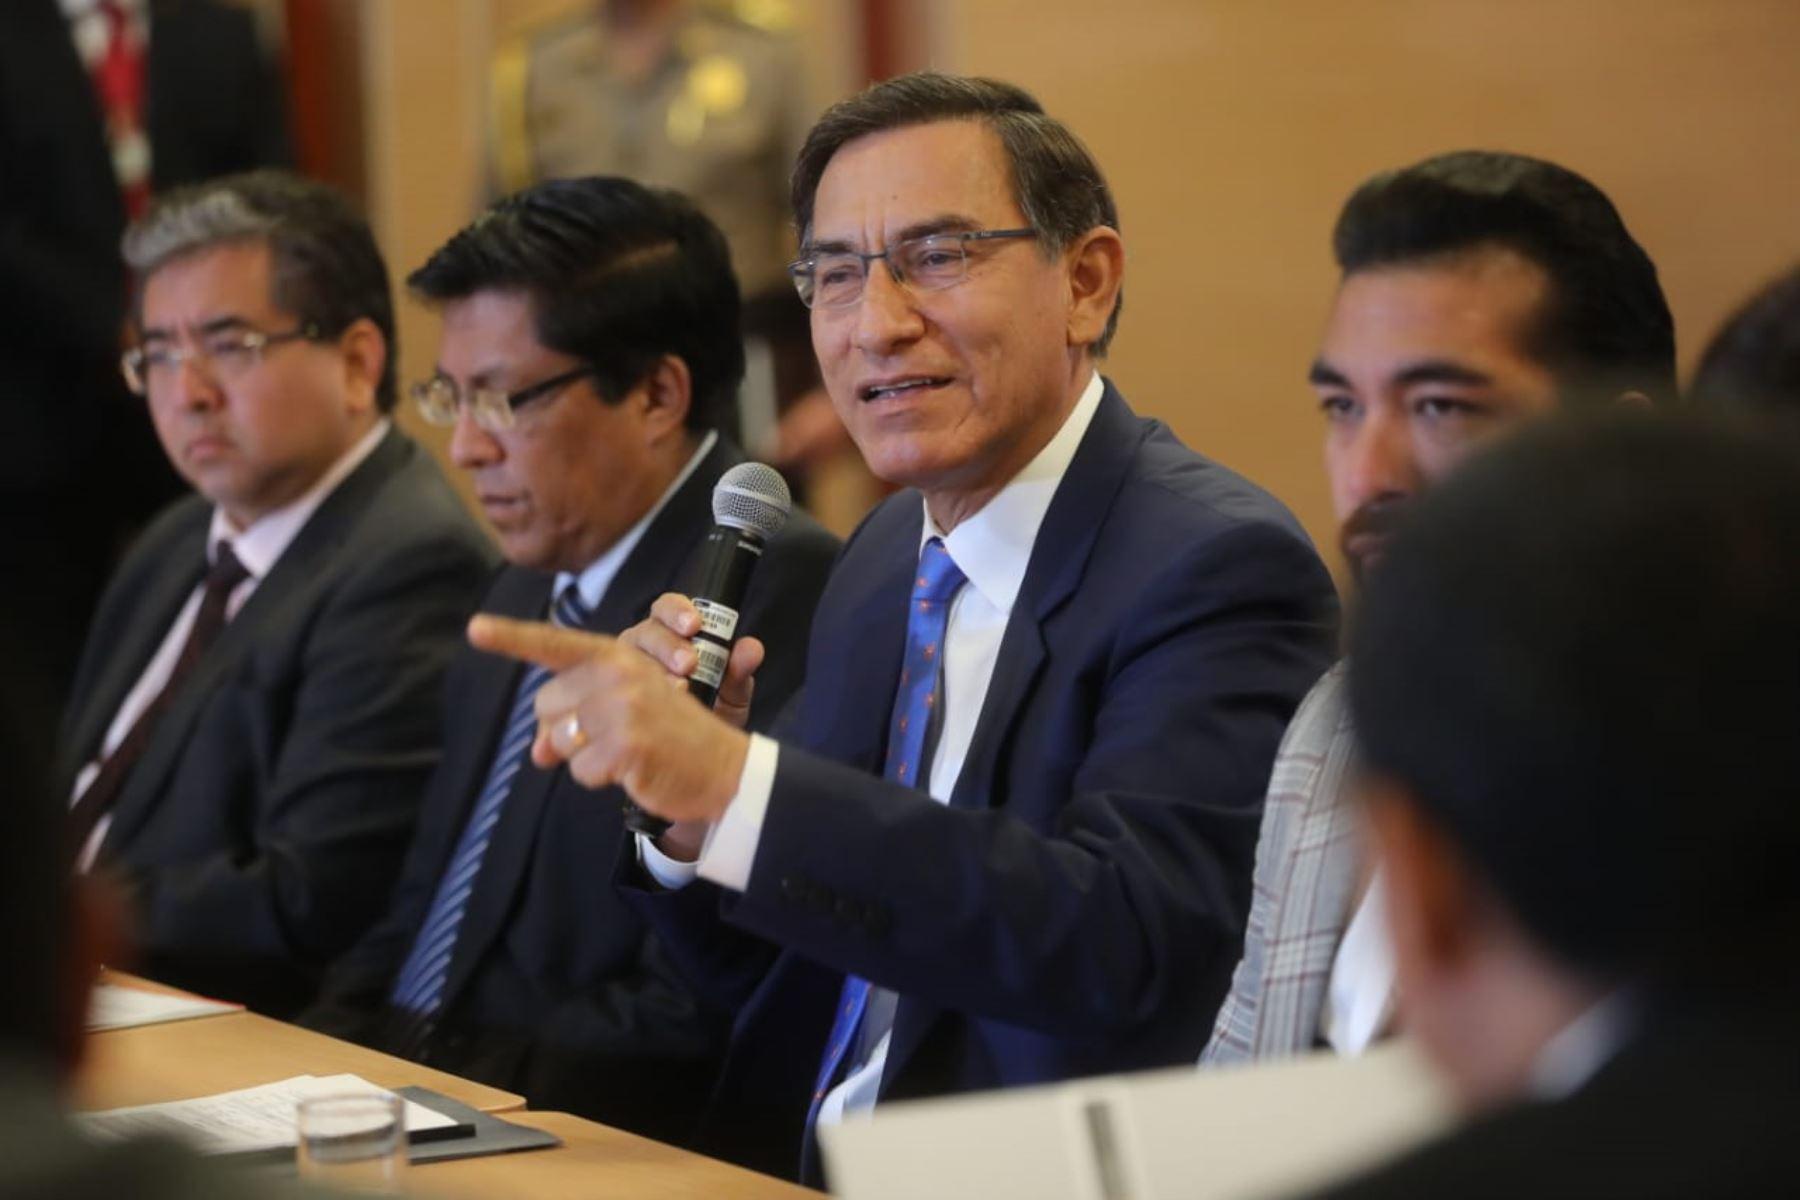 El presidente Martín Vizcarra participa en una reunión de trabajo entre el Ejecutivo y representantes de la Asociación de Municipalidades del Perú (AMPE). Foto: ANDINA/ Prensa Presidencia